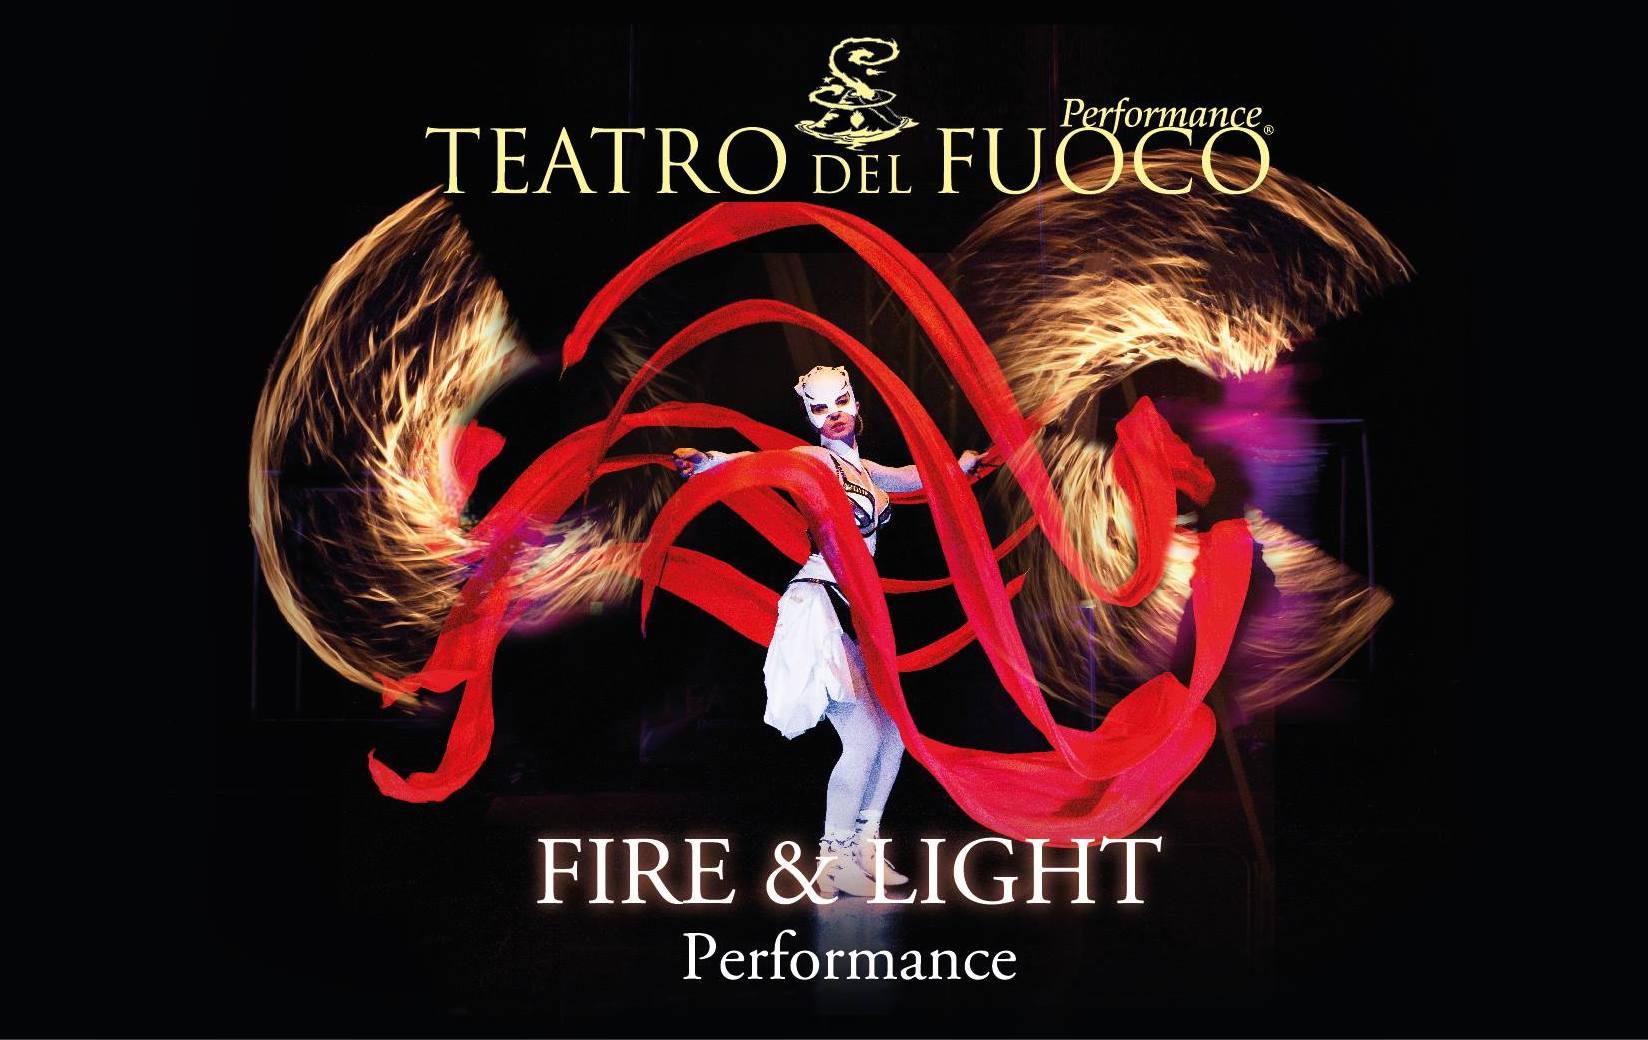 Domani il Teatro del fuoco illuminerà Palermo